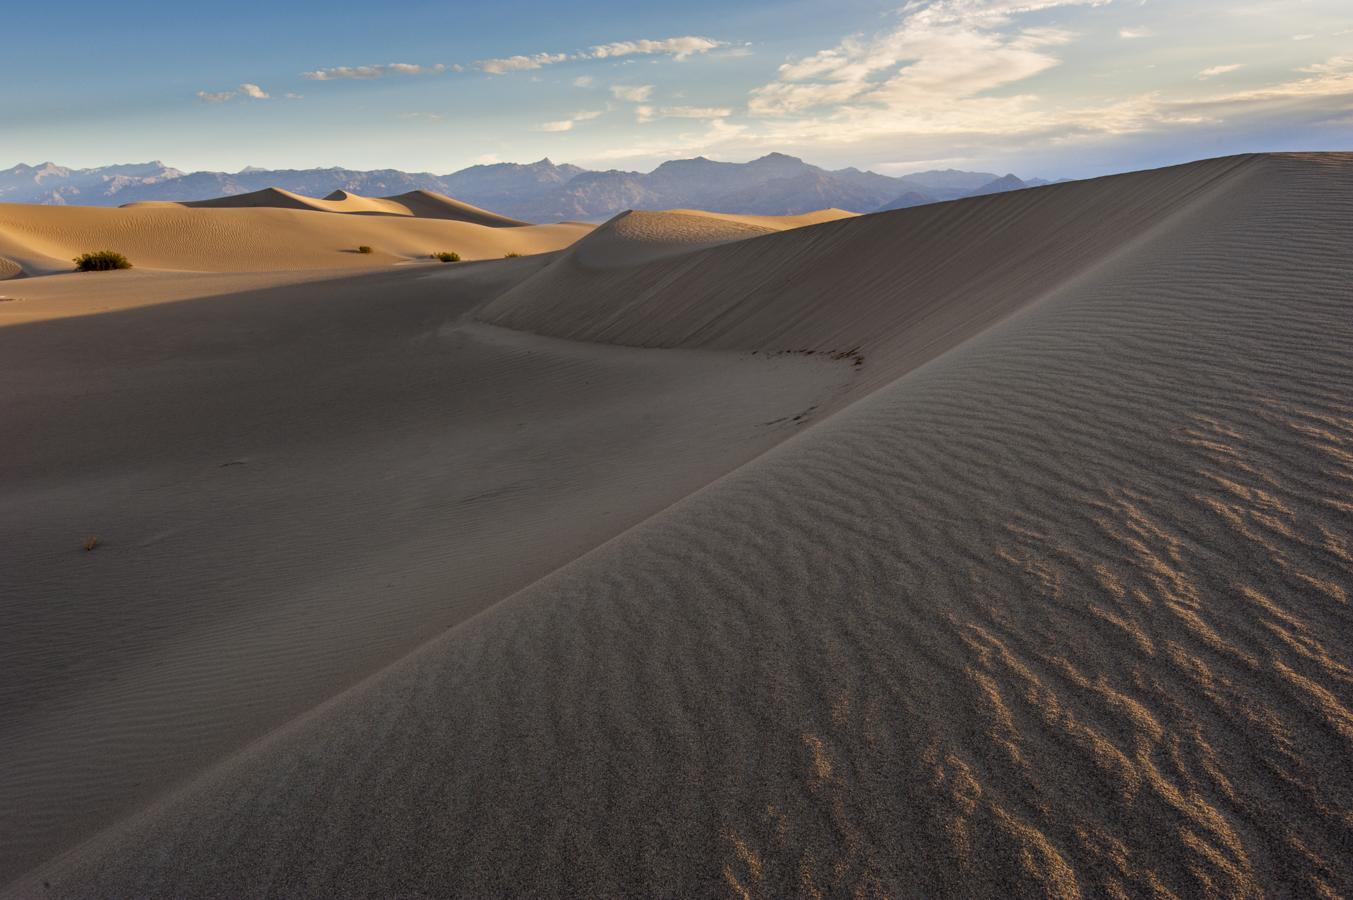 Sunrise @ Mesquite Sand Dunes, Death Valley, CA